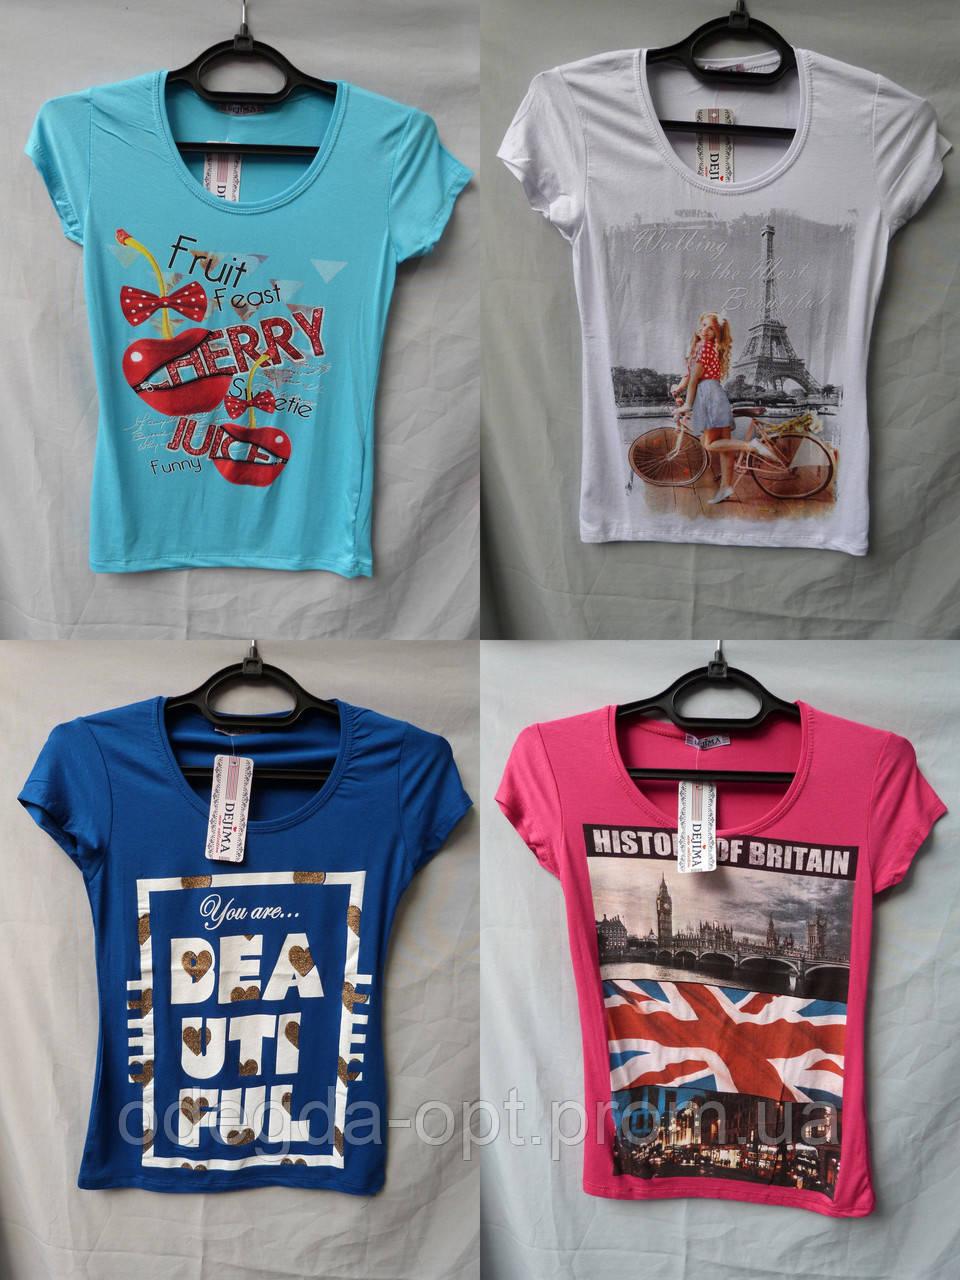 bca3d426733f Футболки женские Турция - Интернет-магазин одежды «Одежда Оптом в Украине»  в Одессе